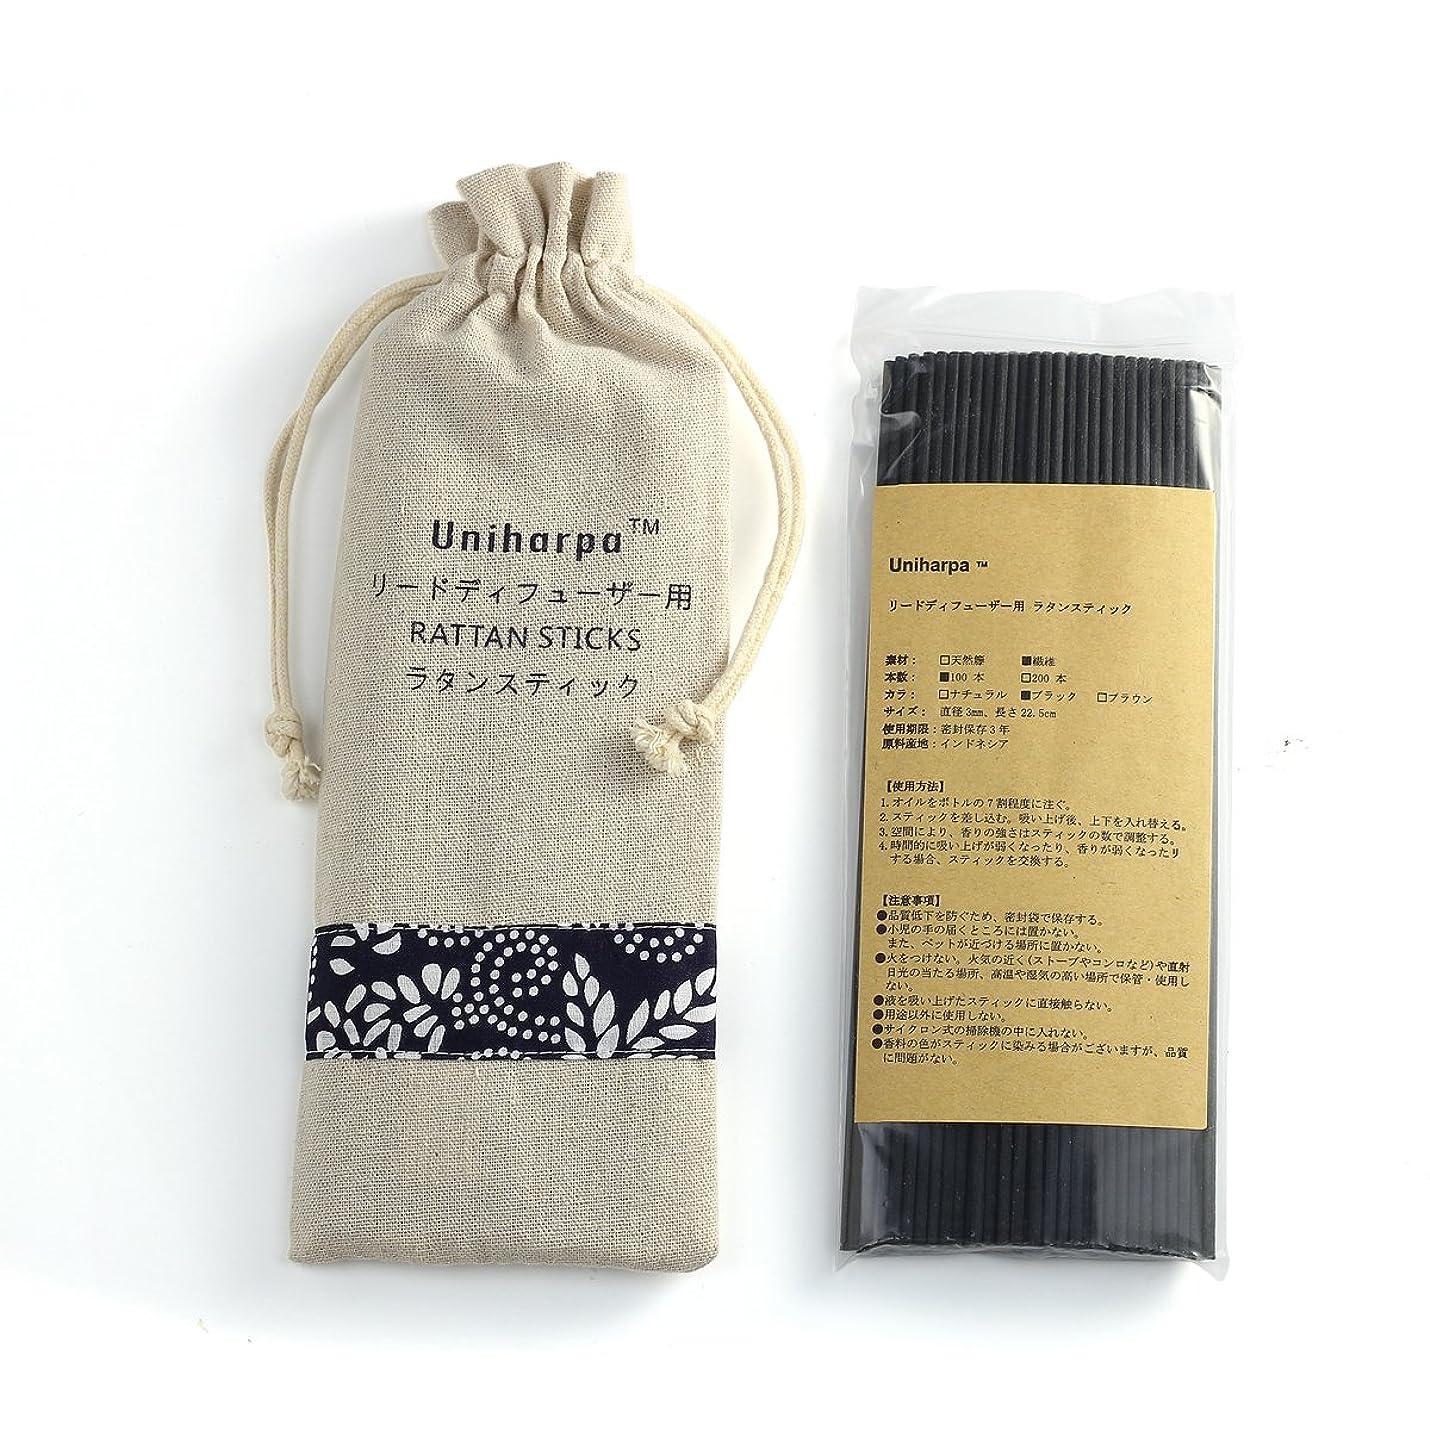 アデレードライドかんがいリードディフューザー用 ラタンスティック/リードスティック リフィル 繊維素材 22.5cm 直径3mm 100本入 乾燥剤入り オリジナル旅行専用袋付 (ブラック)